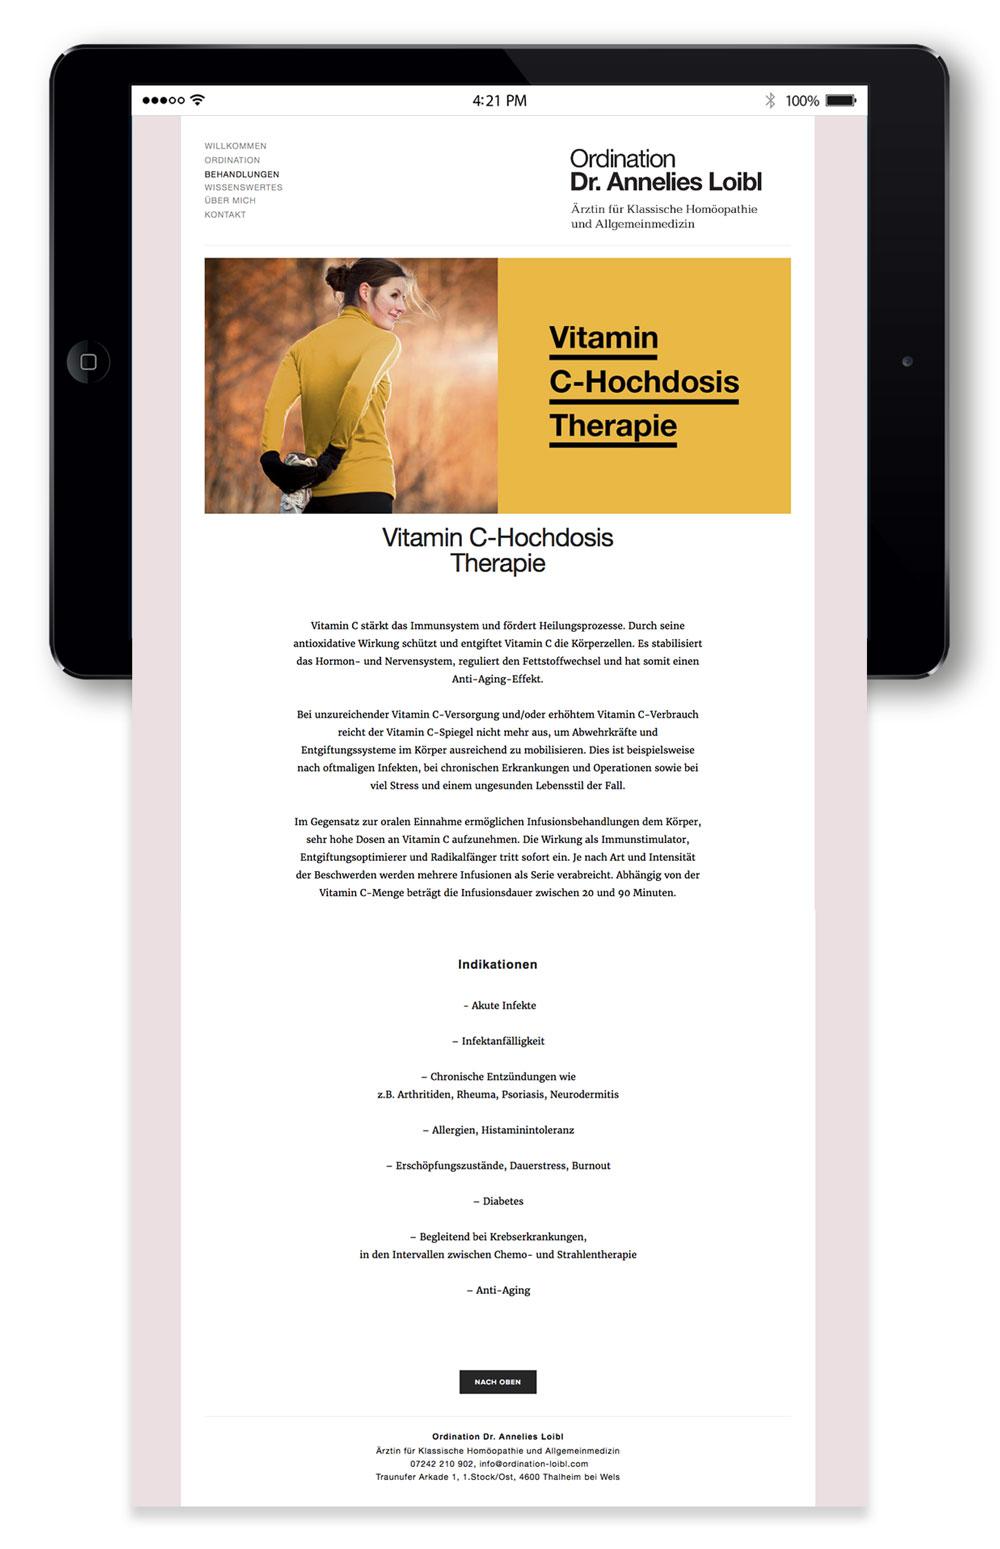 homepage-2-ordination-dr-annelies-loibl-designkitchen.jpg